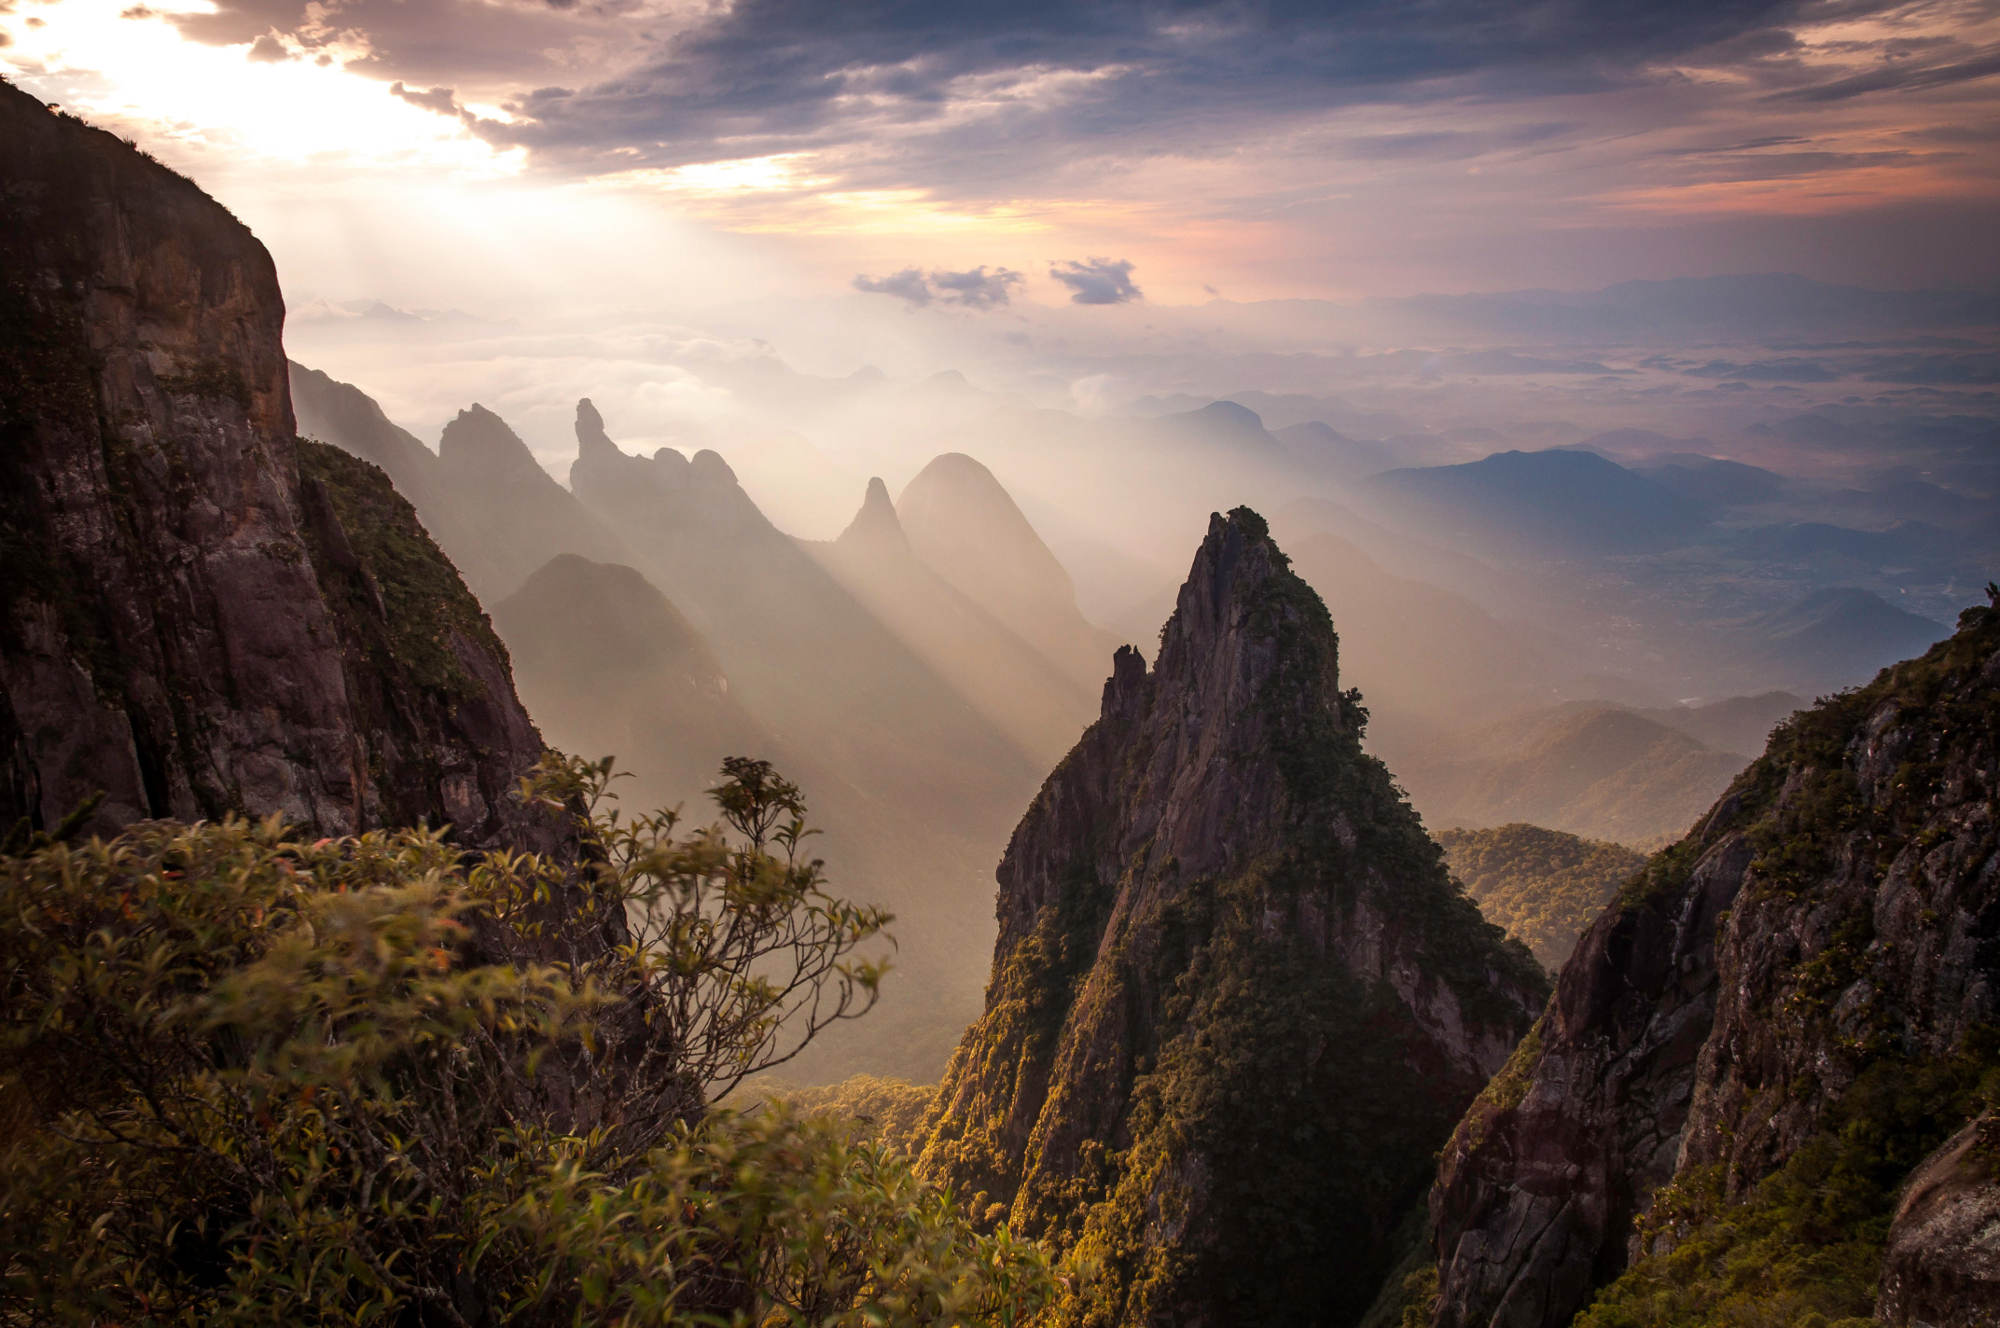 Vista do monte Dedo de Deus, no Parque Nacional da Serra dos Órgãos (foto: Carlos Perez Couto/Wikimedia Commons)